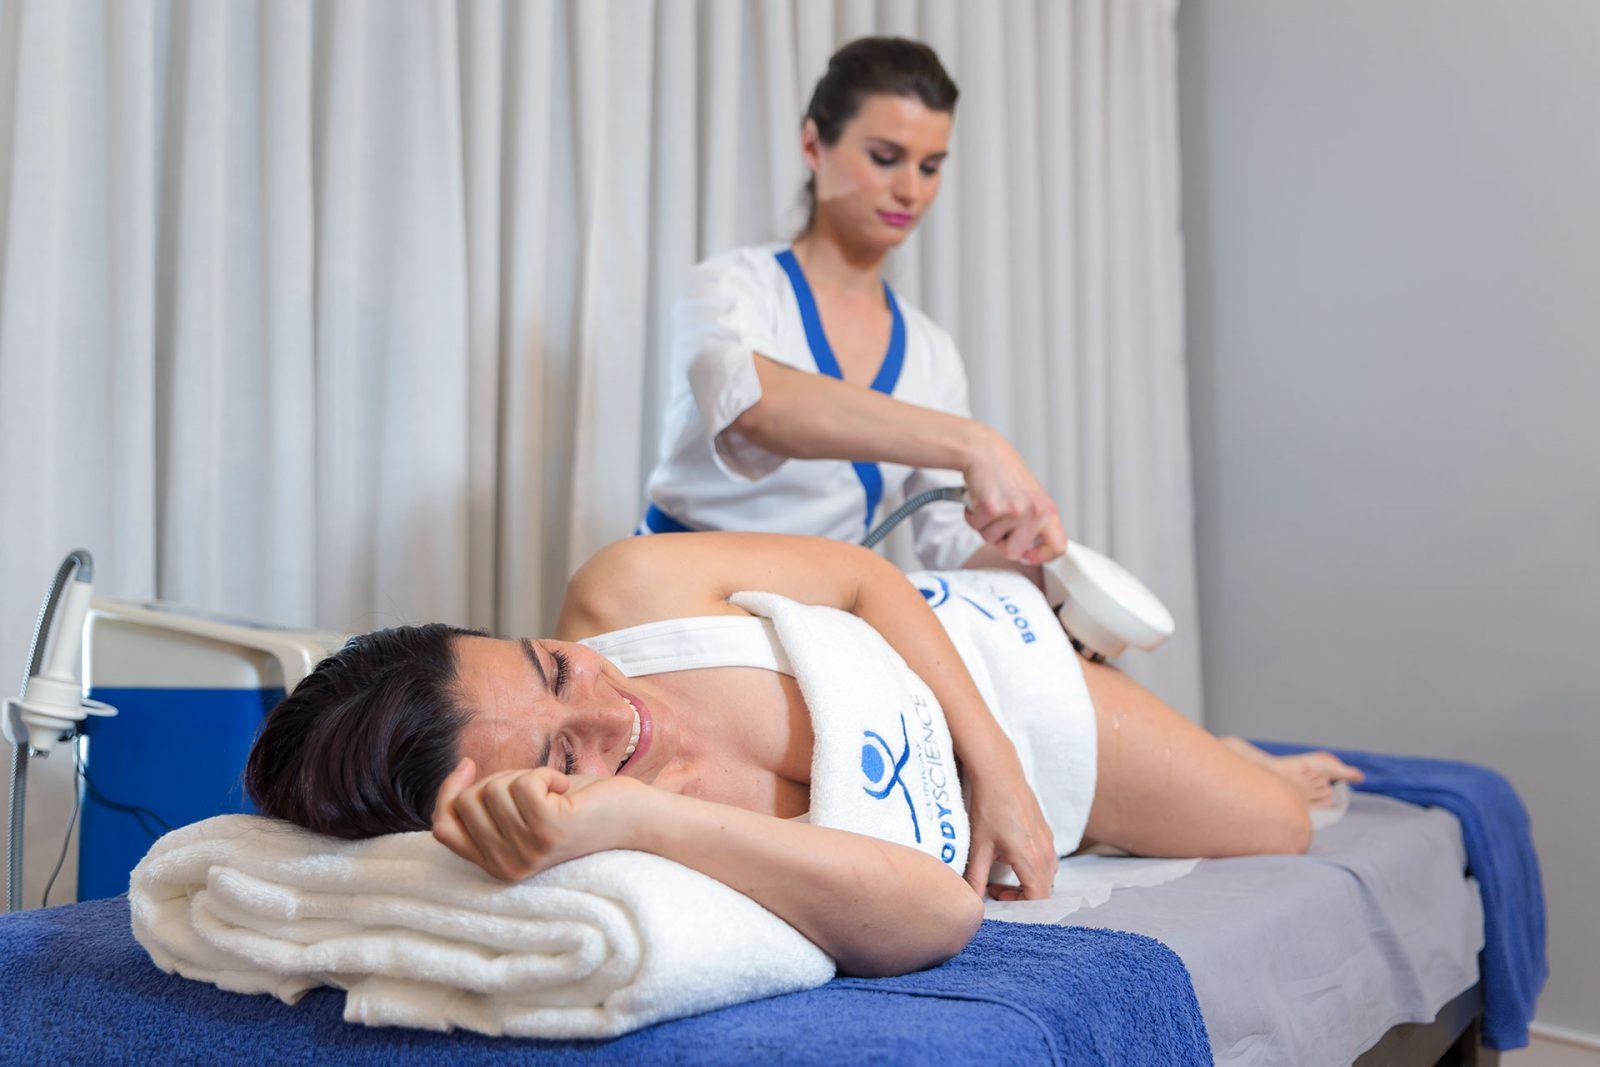 bodyscience-clinica-estetica-tratamentos-corpo-powershape